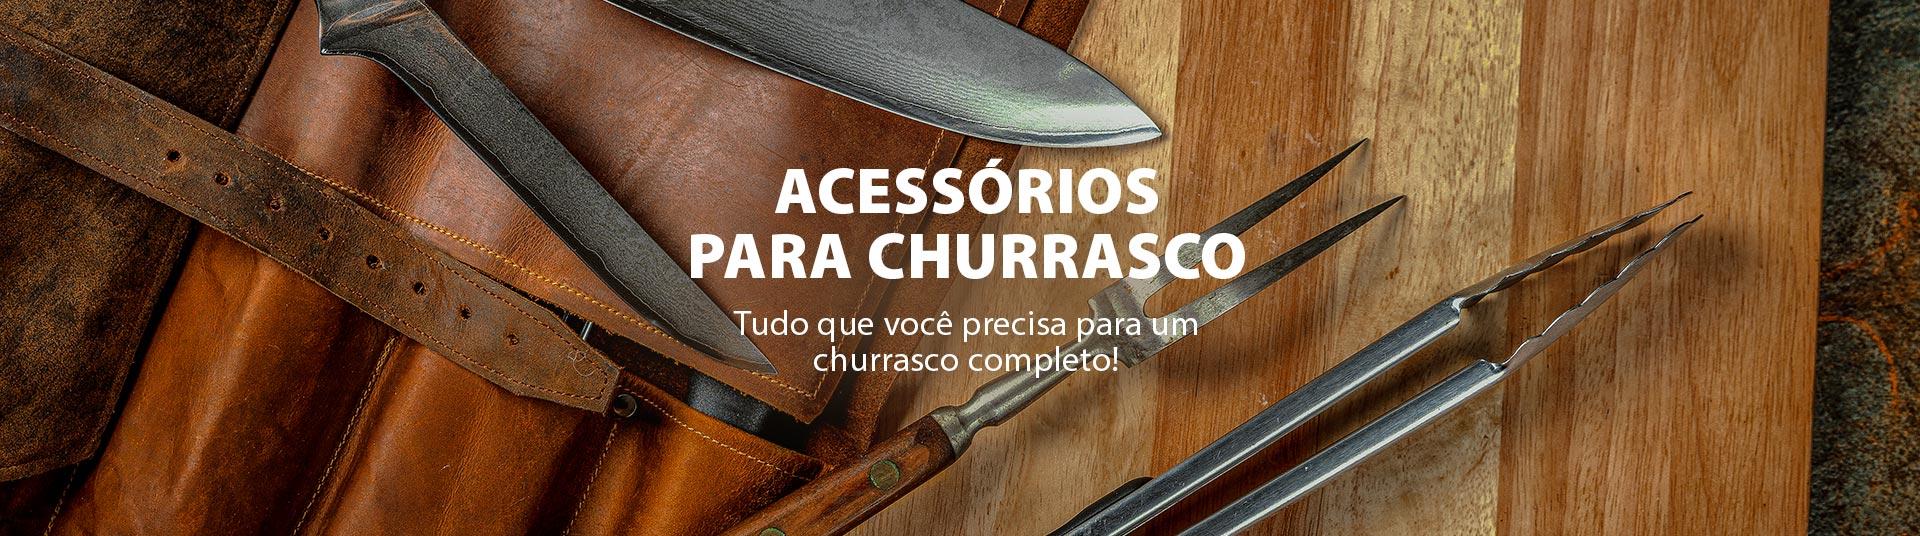 Acessórios p/ Churrasco